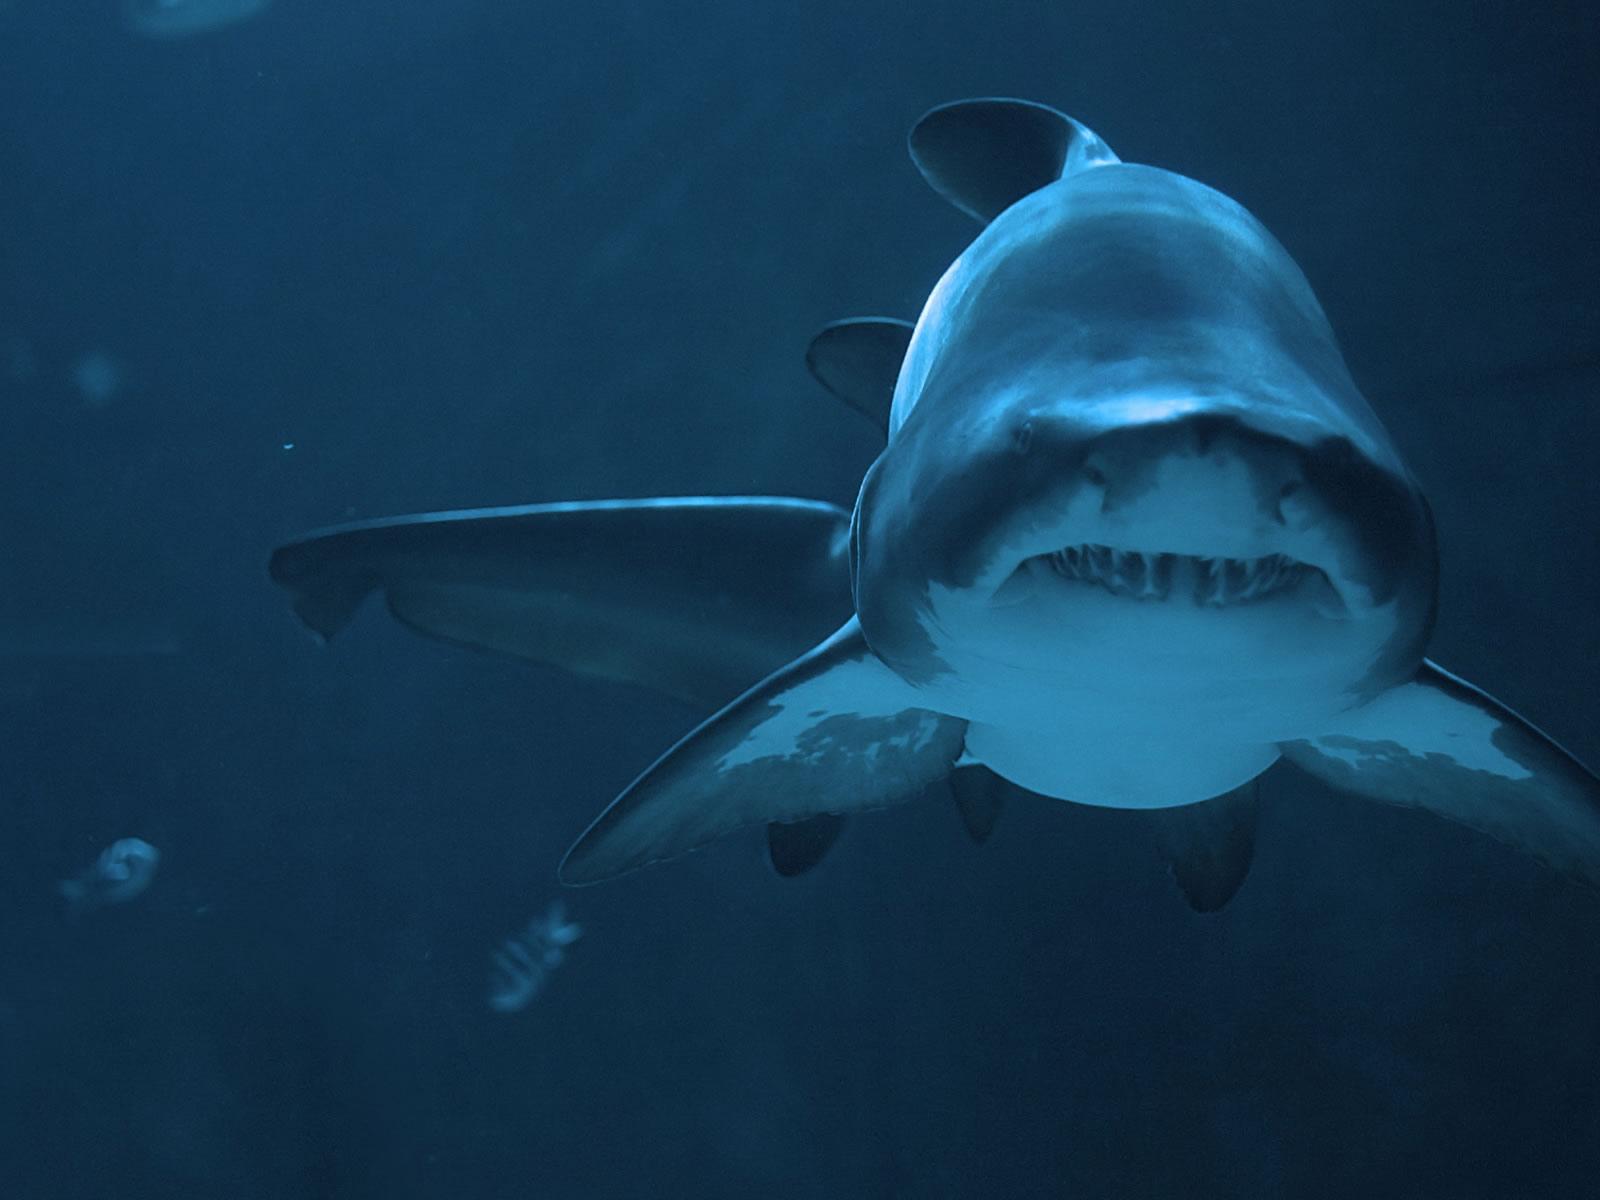 Amazing background images sak karepe isun for Amazing ocean images